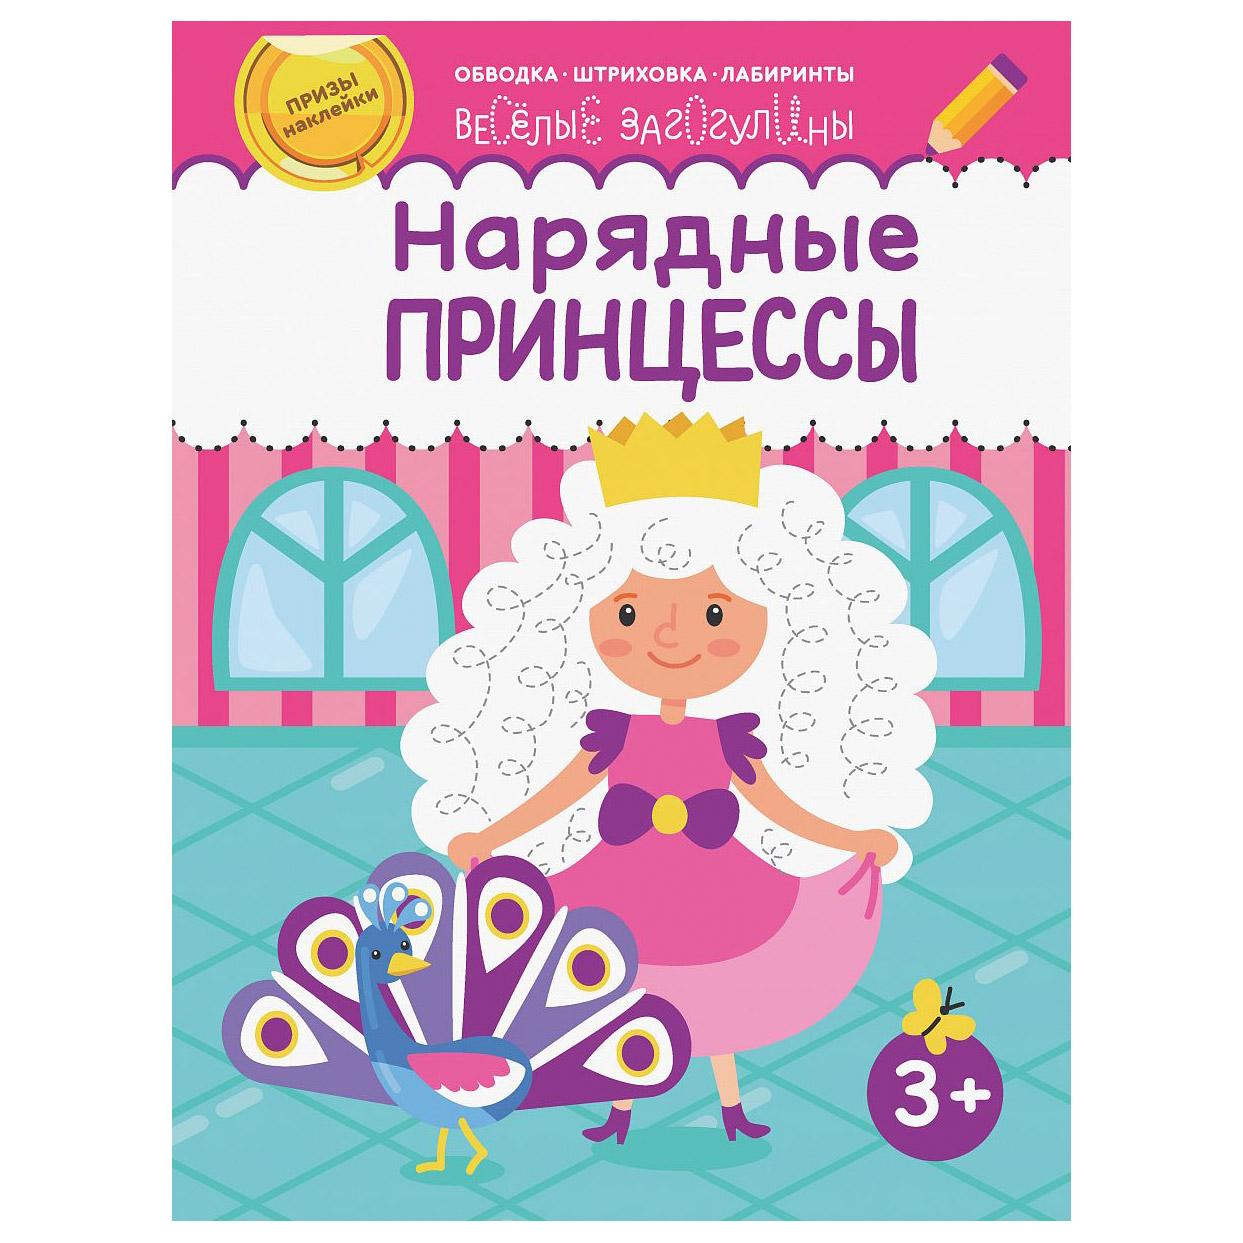 Книга Качели Нарядные принцессы